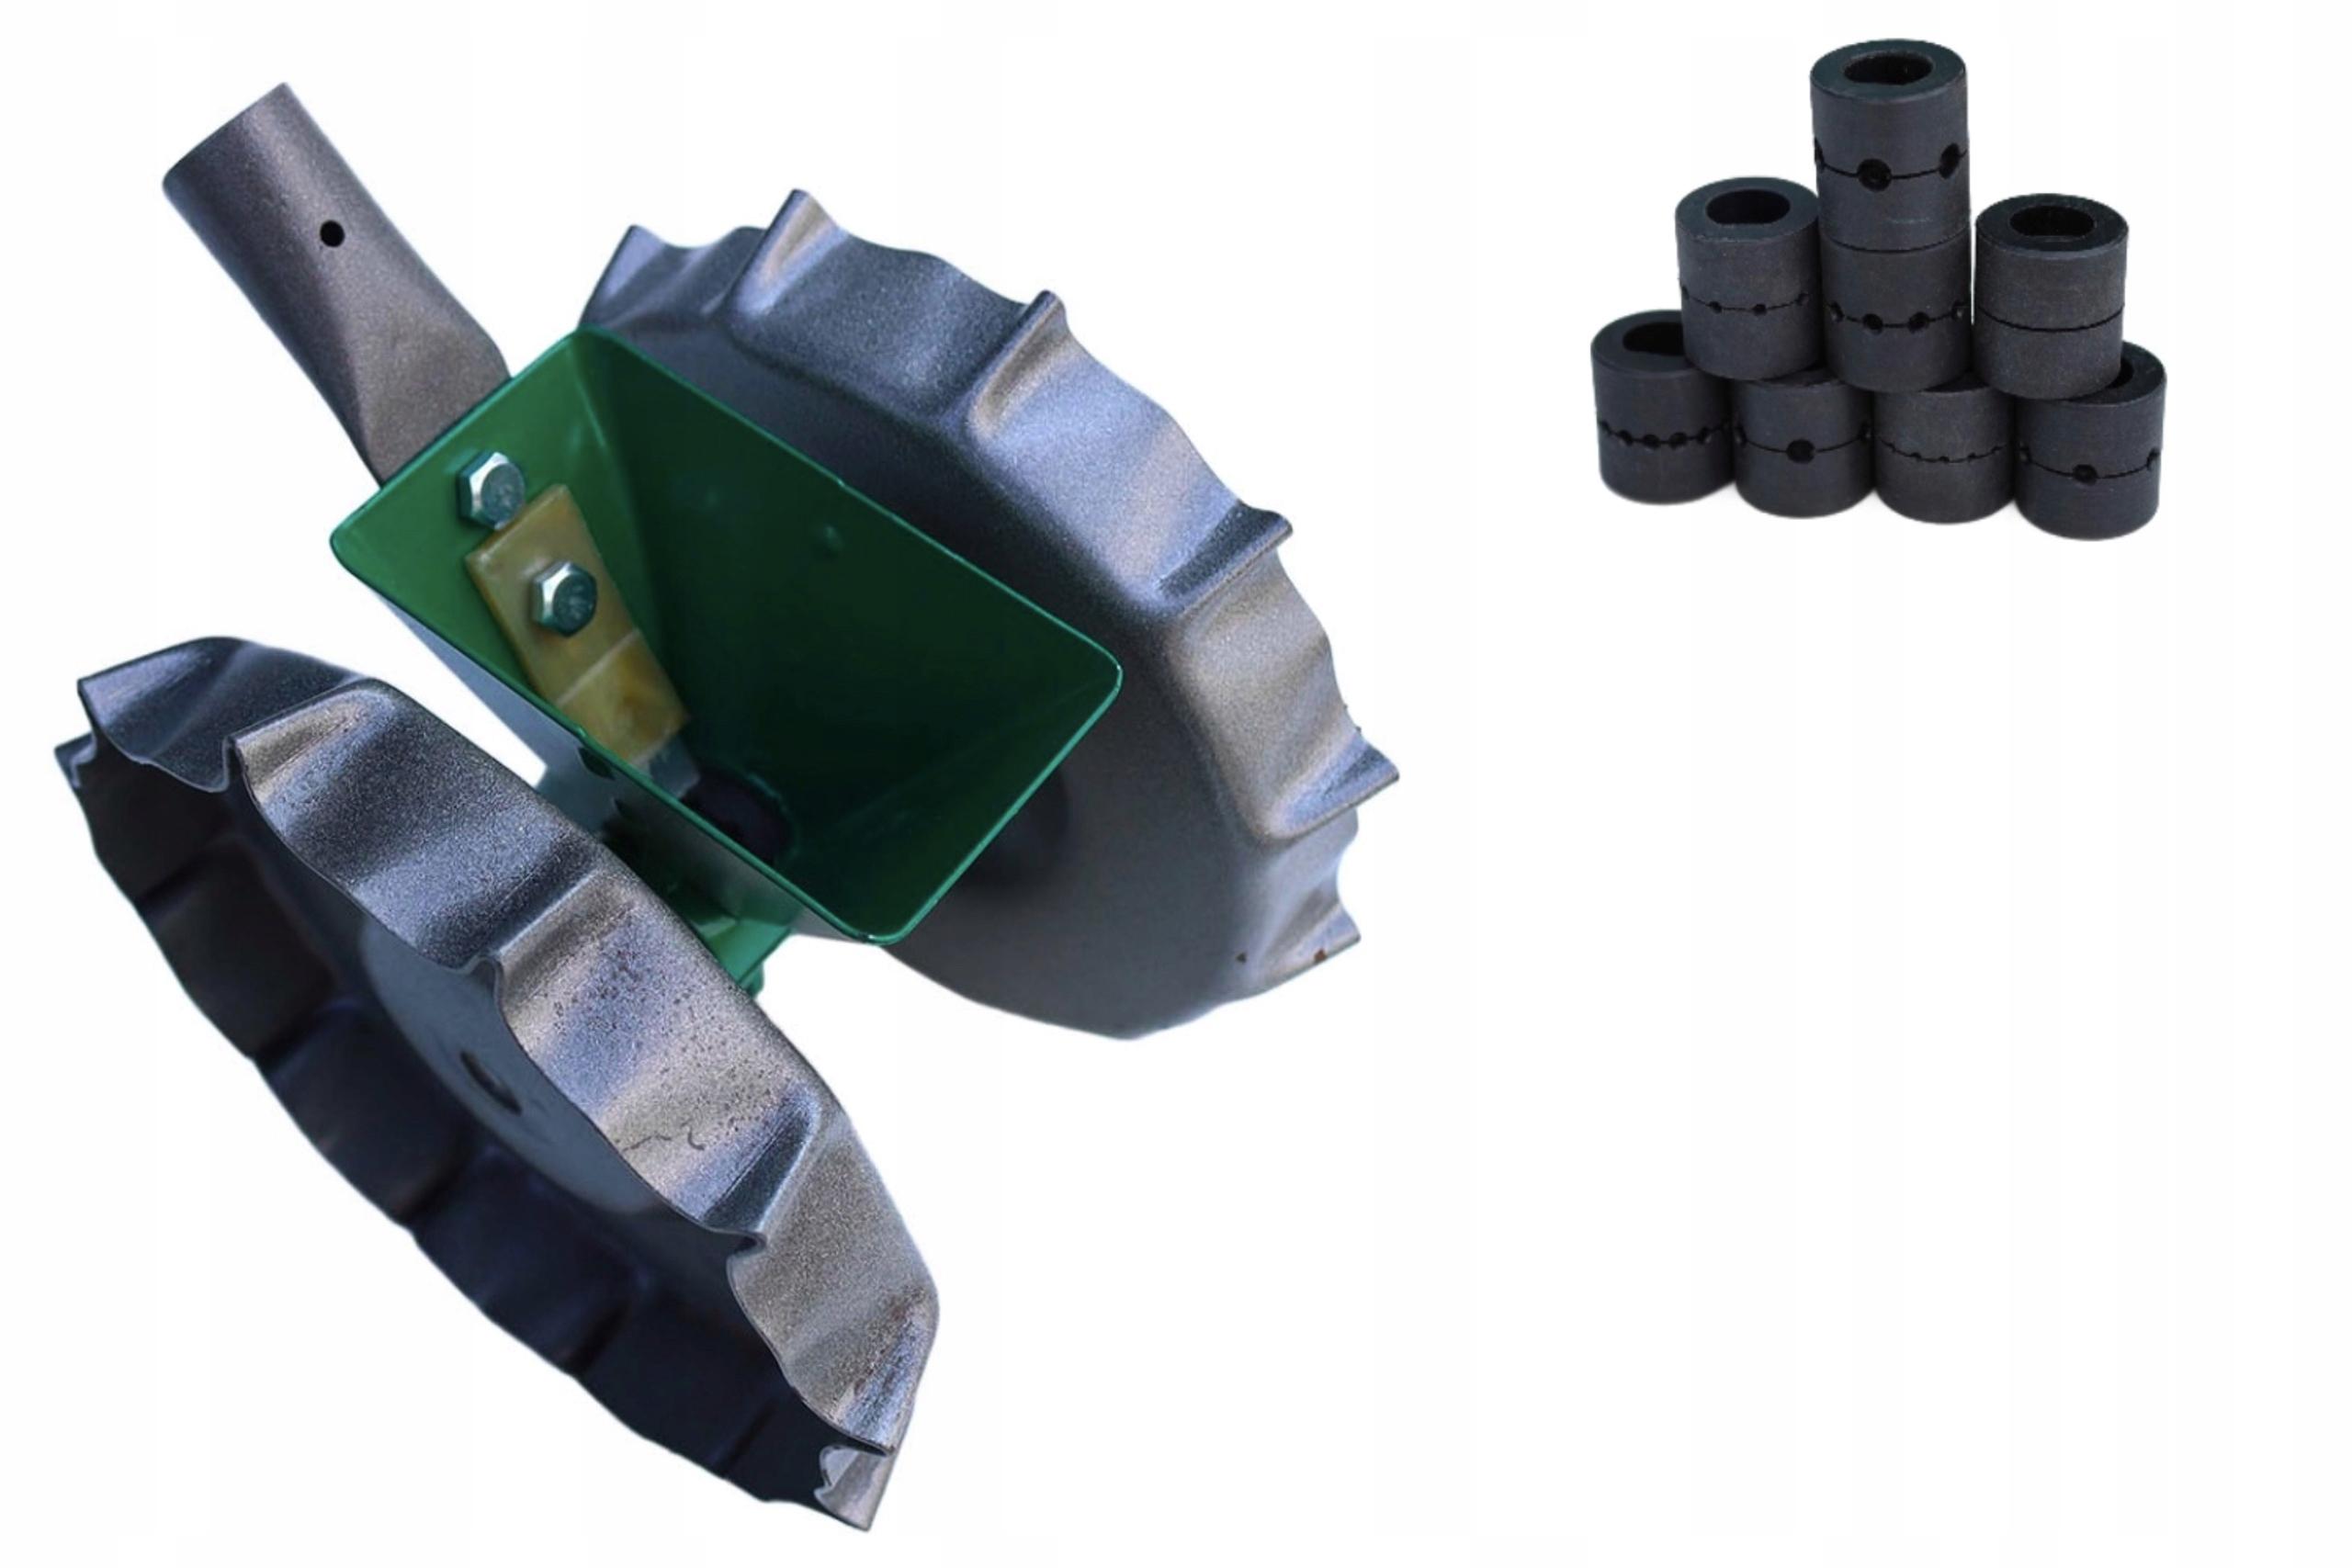 Ręczny siewnik do warzyw SMK-1 plus 9 bębenków